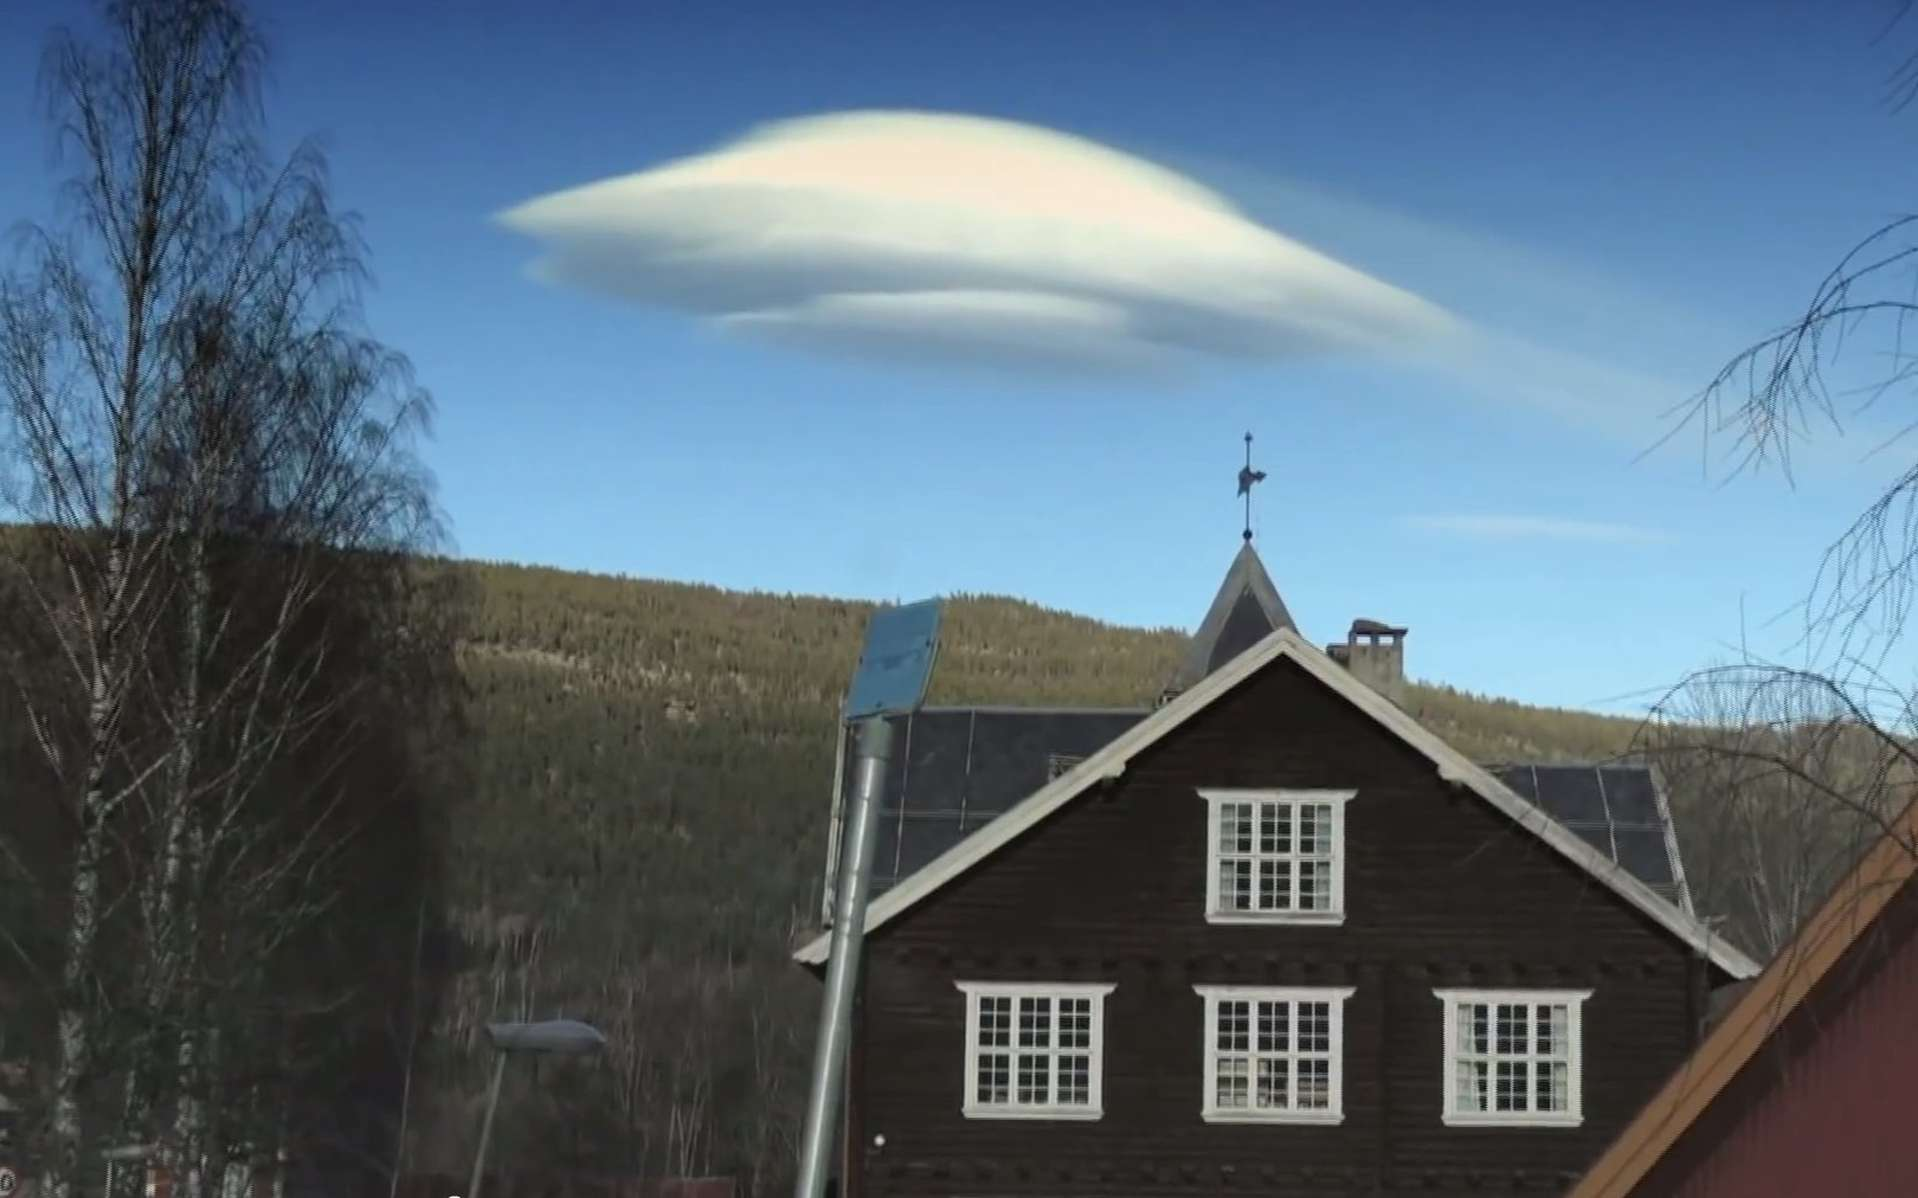 Un nuage curieux se tient, immobile, à côté de la montagne. Pourquoi ne bouge-t-il pas alors que le vent souffle ? Justement parce qu'il y a du vent... © Discovery